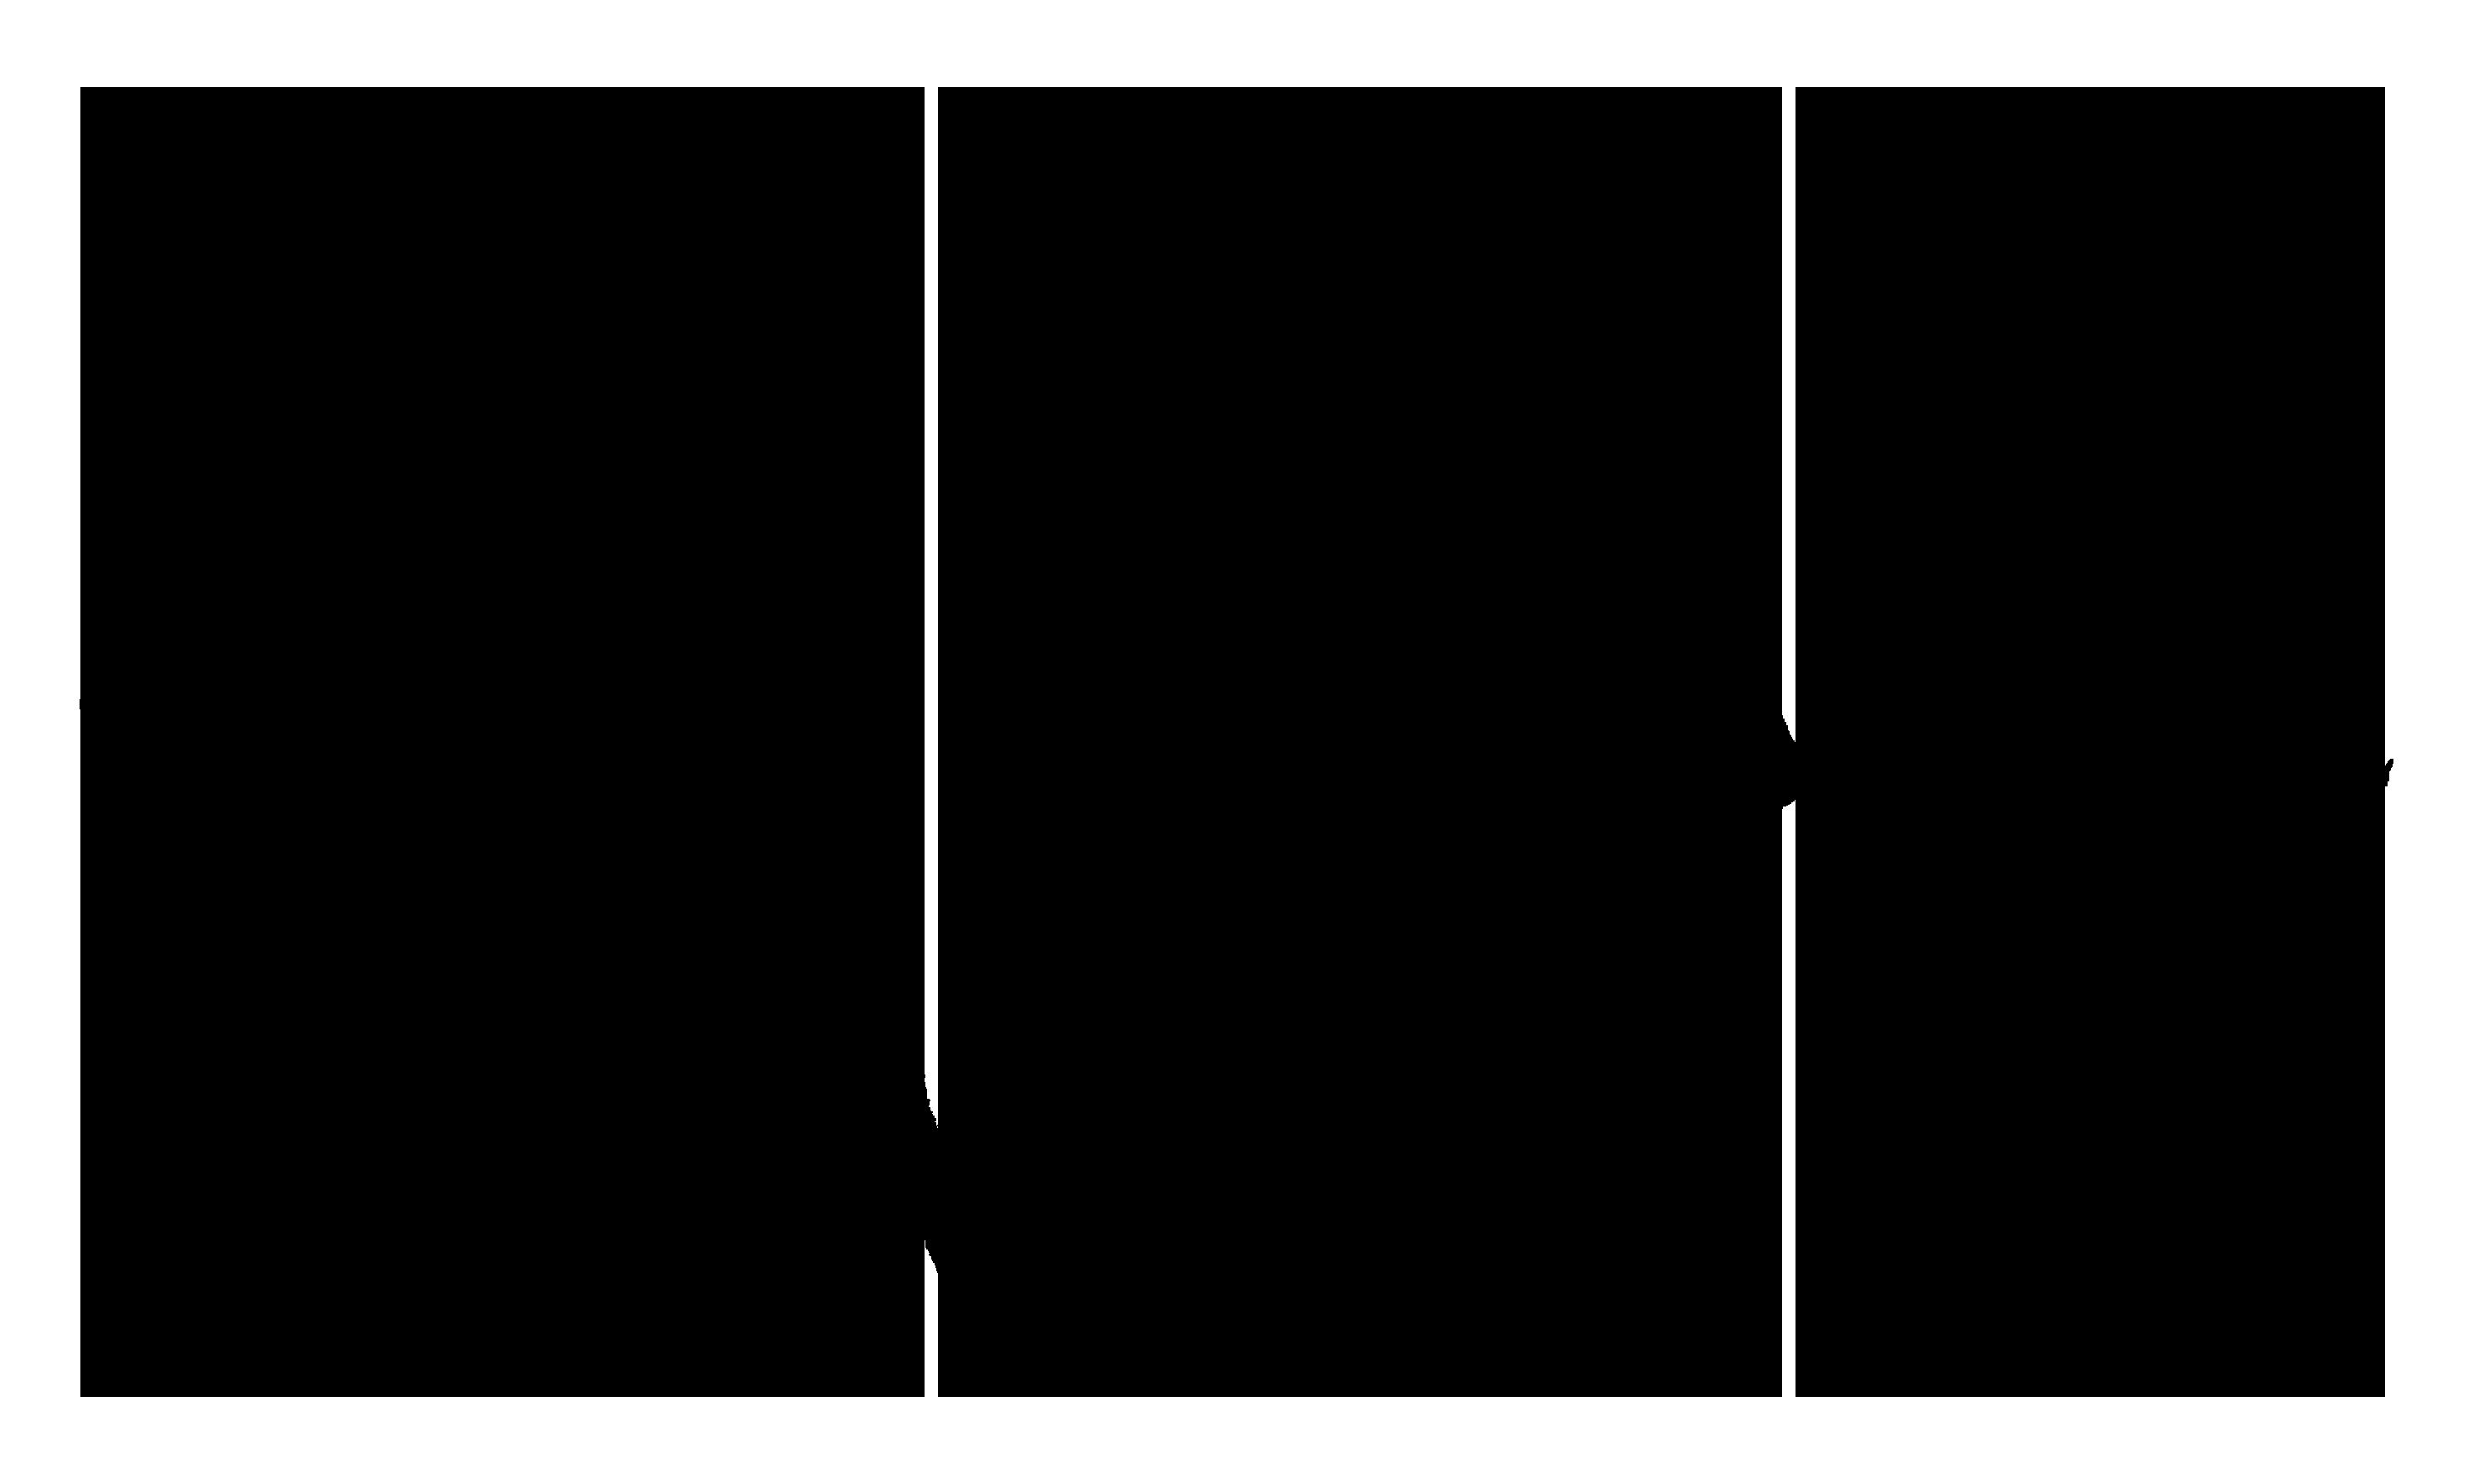 CONTACT - saddo ro